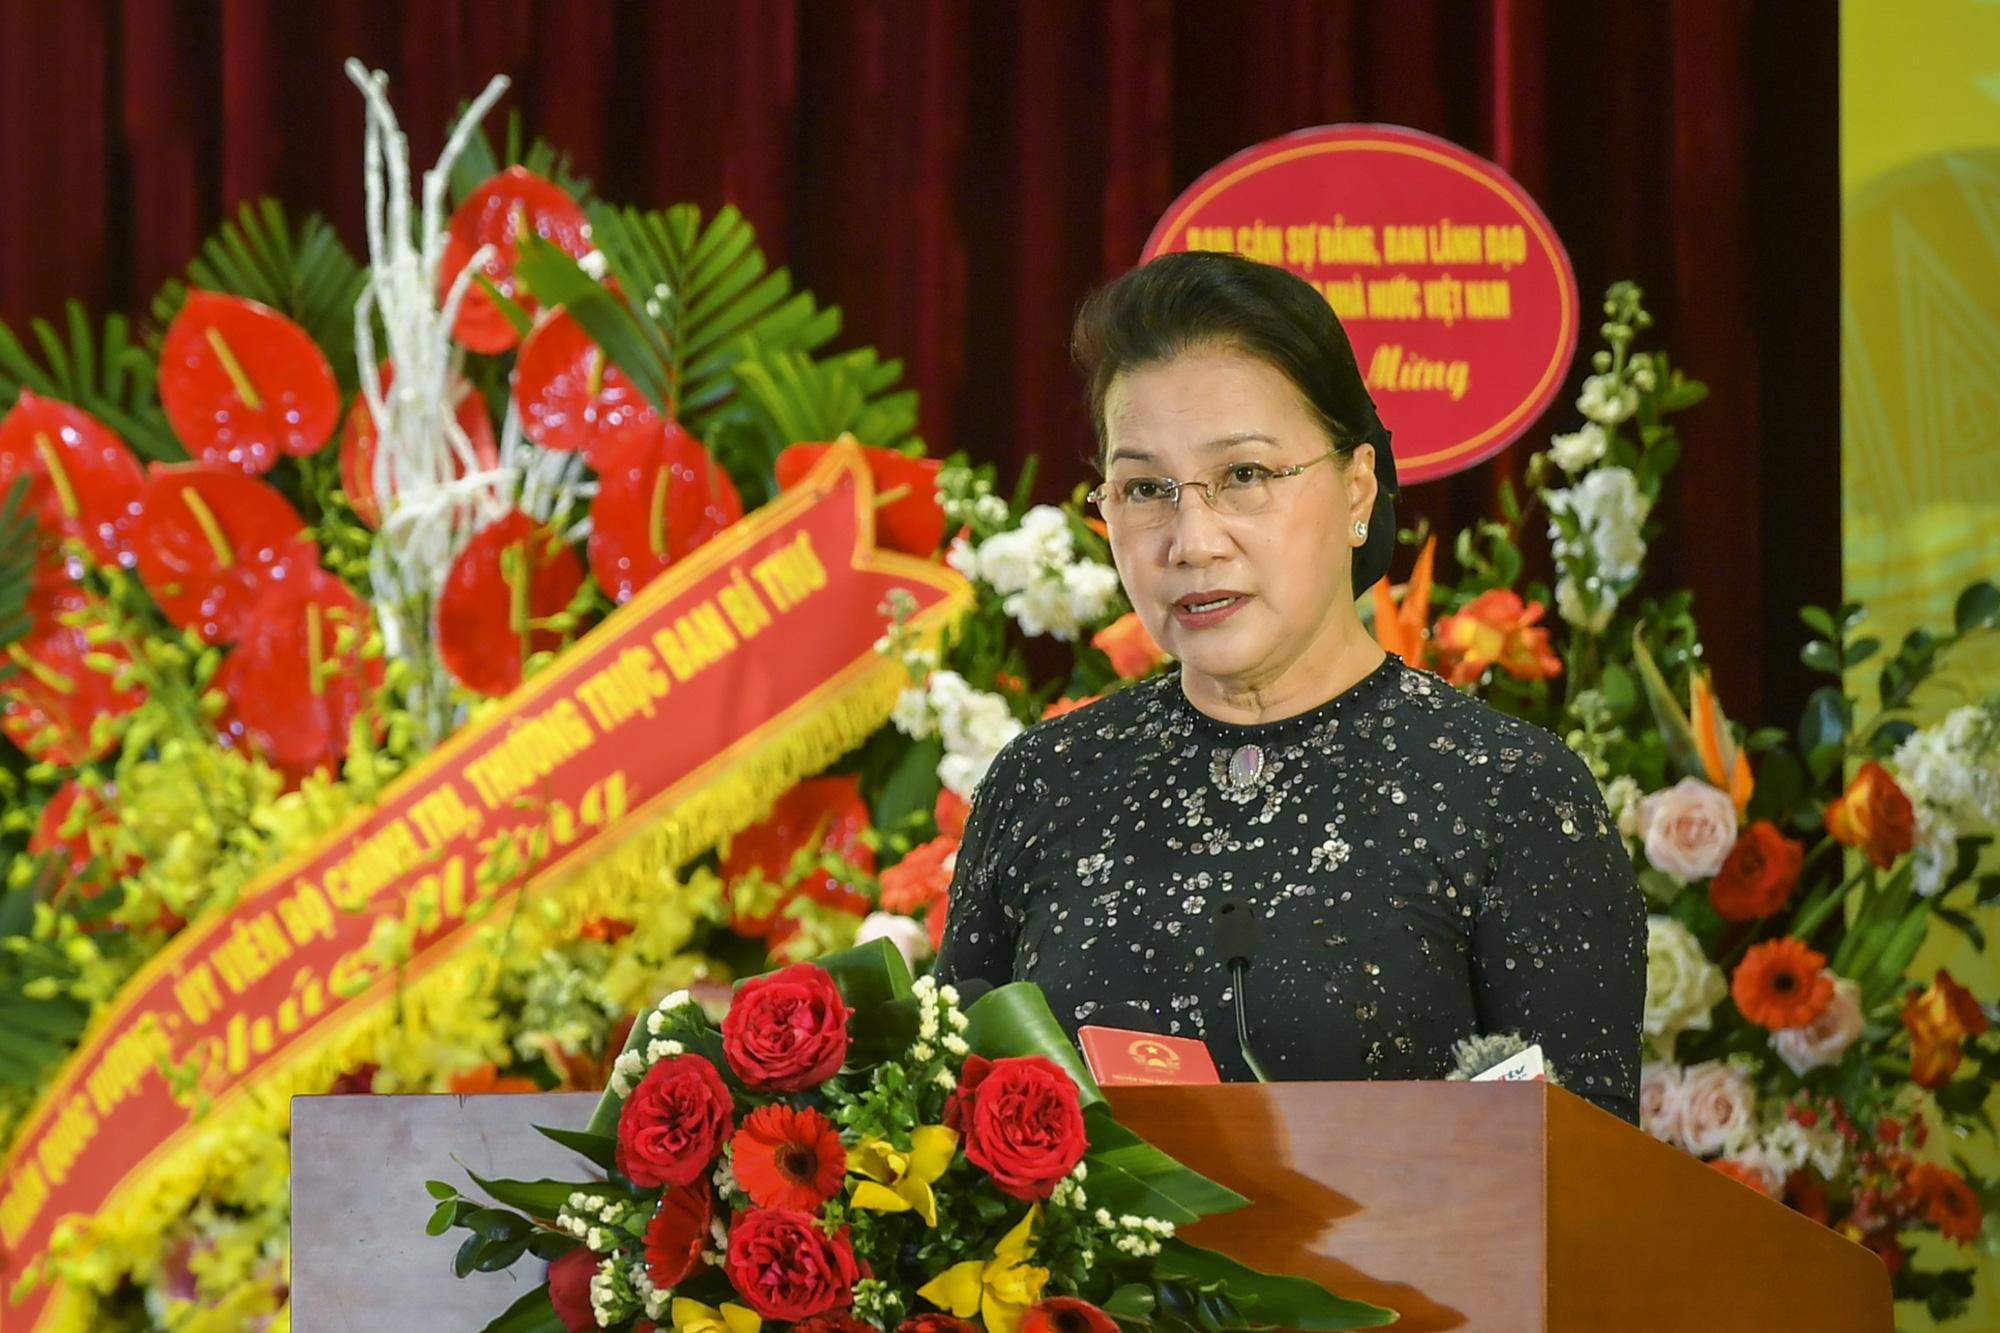 Chủ tịch Quốc hội dự Đại hội thi đua yêu nước ngành Ngân hàng - Ảnh 1.